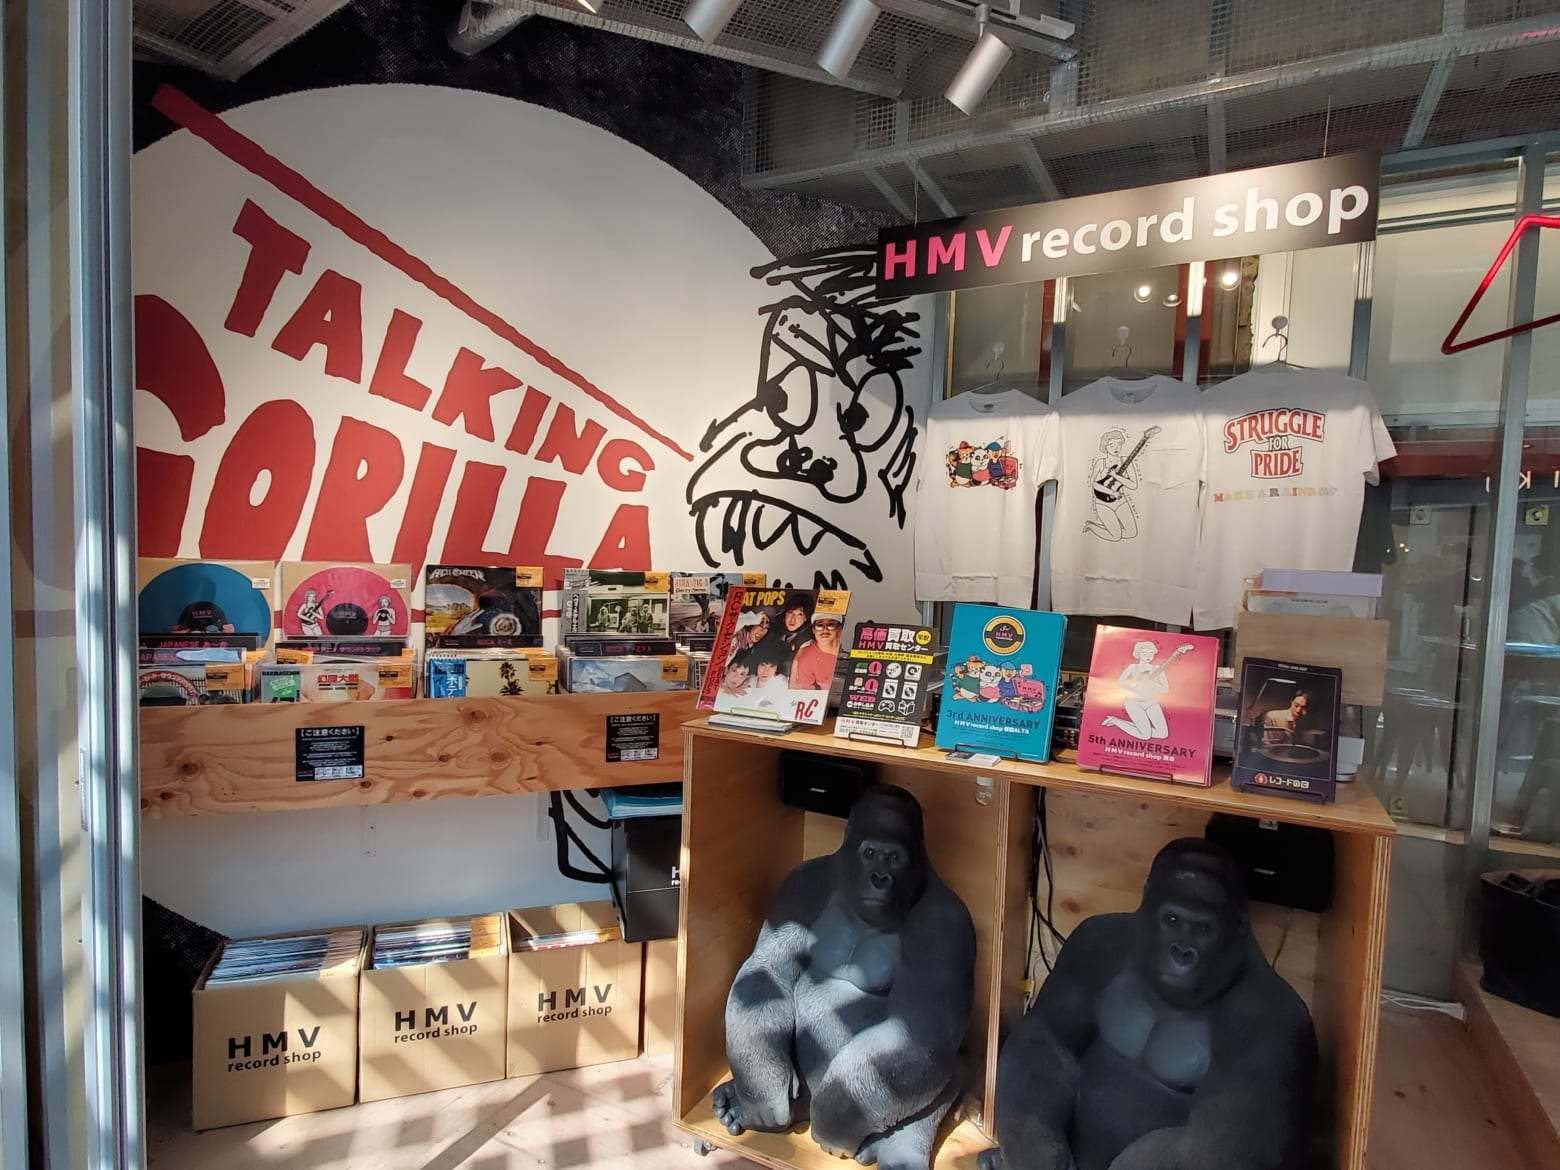 HMV record shop ポップアップショップ